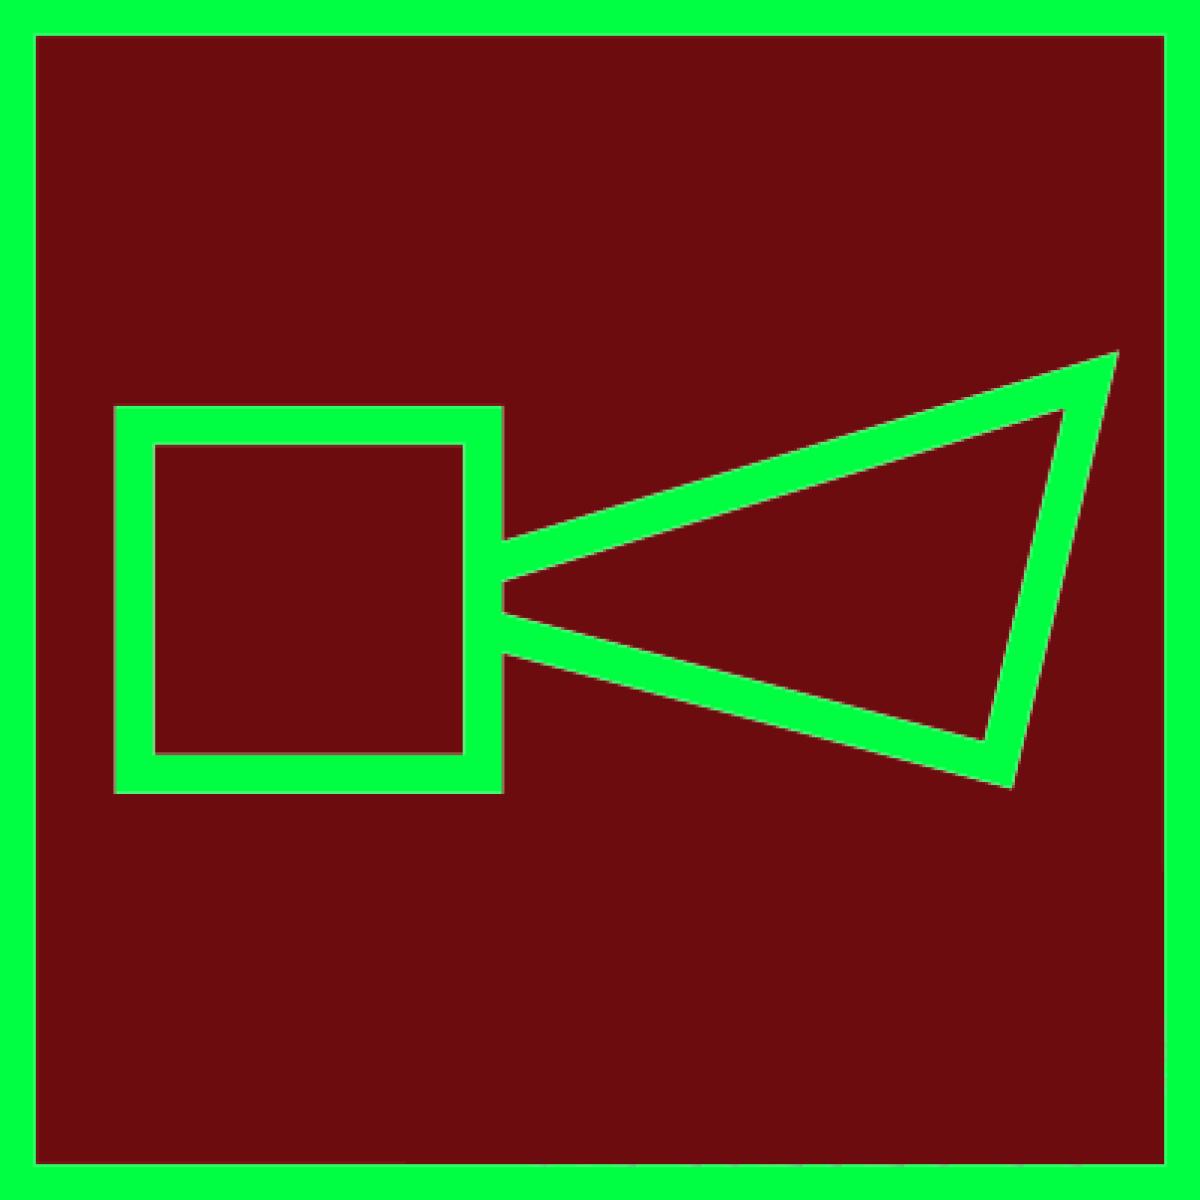 Знак Сигнально-звуковое устройство фотолюминесцентный